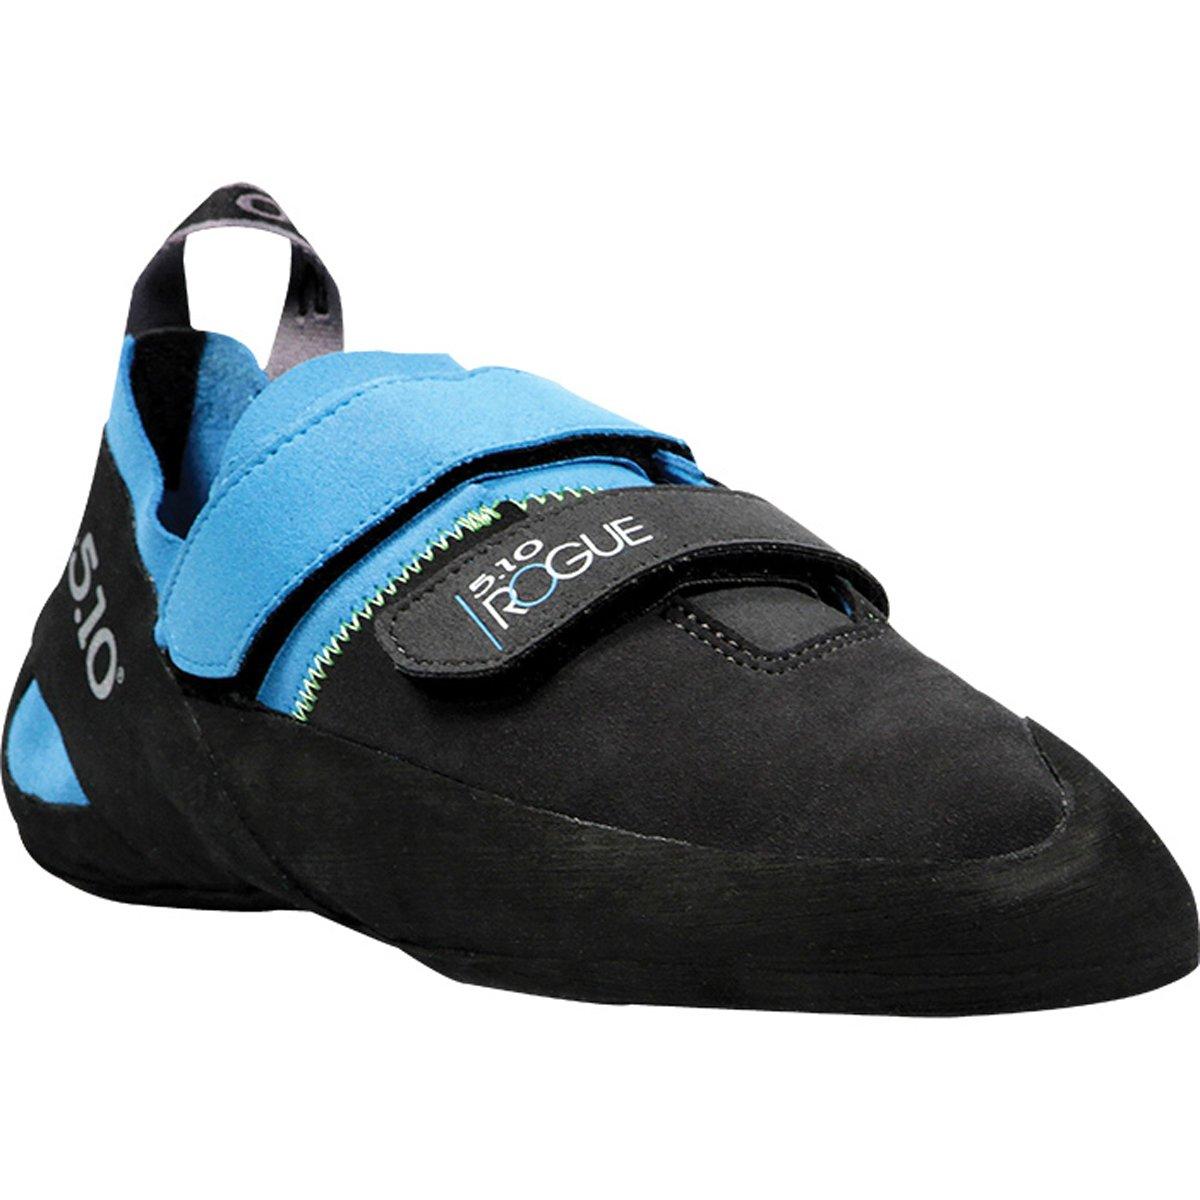 Five Ten Men's Rogue VCS Climbing Shoe,Neon Blue/Charcoal,11.5 M US by Five Ten